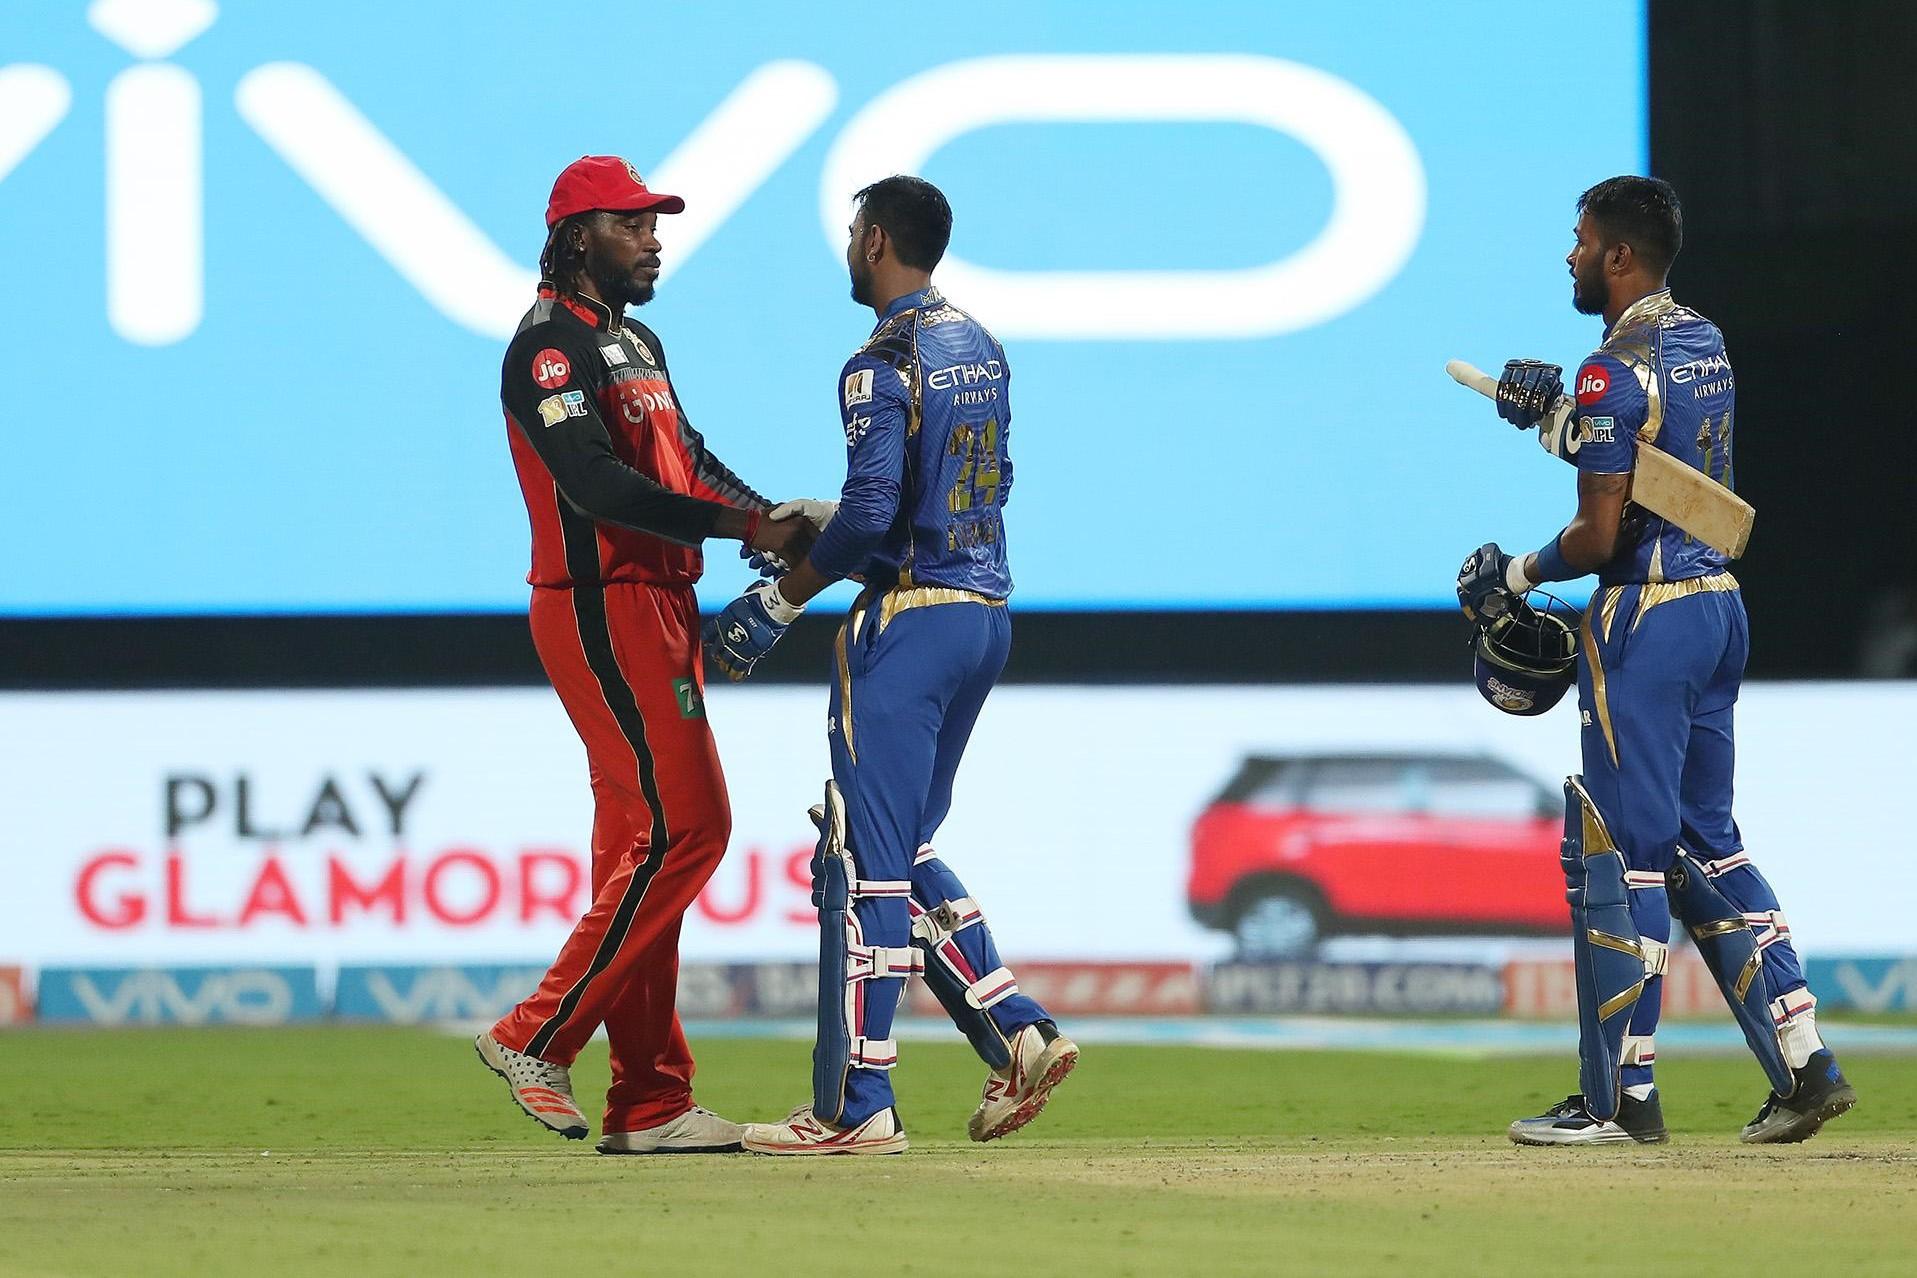 आरसीबी और मुंबई इंडियन्स के बीच खेले गए मैच के पांच टर्निंग पोइंट 1